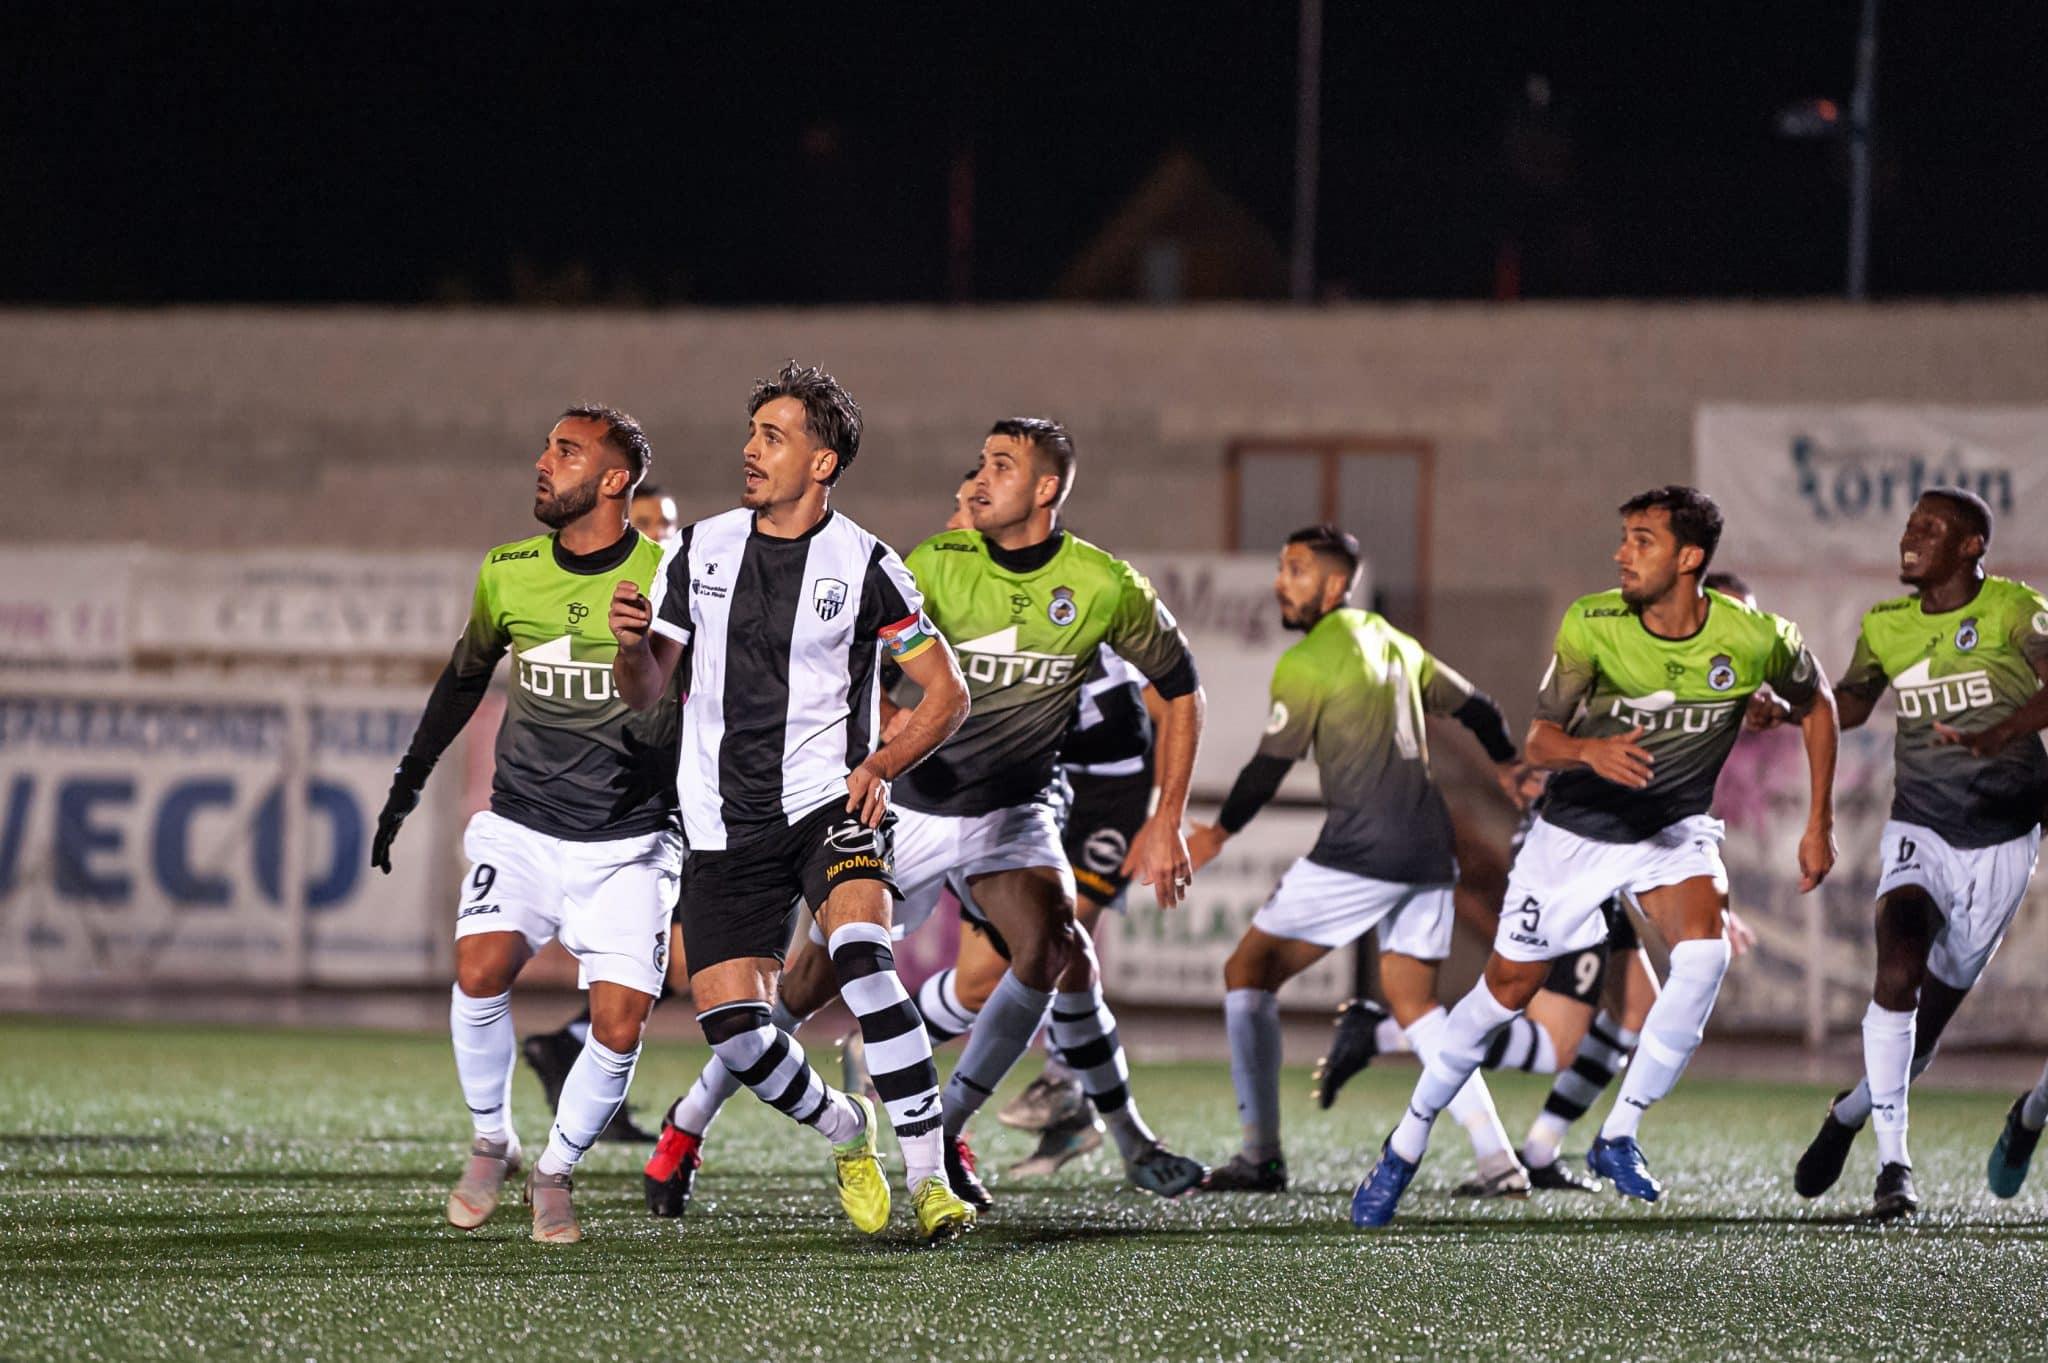 FOTOS: El Haro, el único equipo riojano que sobrevive en la Copa del Rey 9